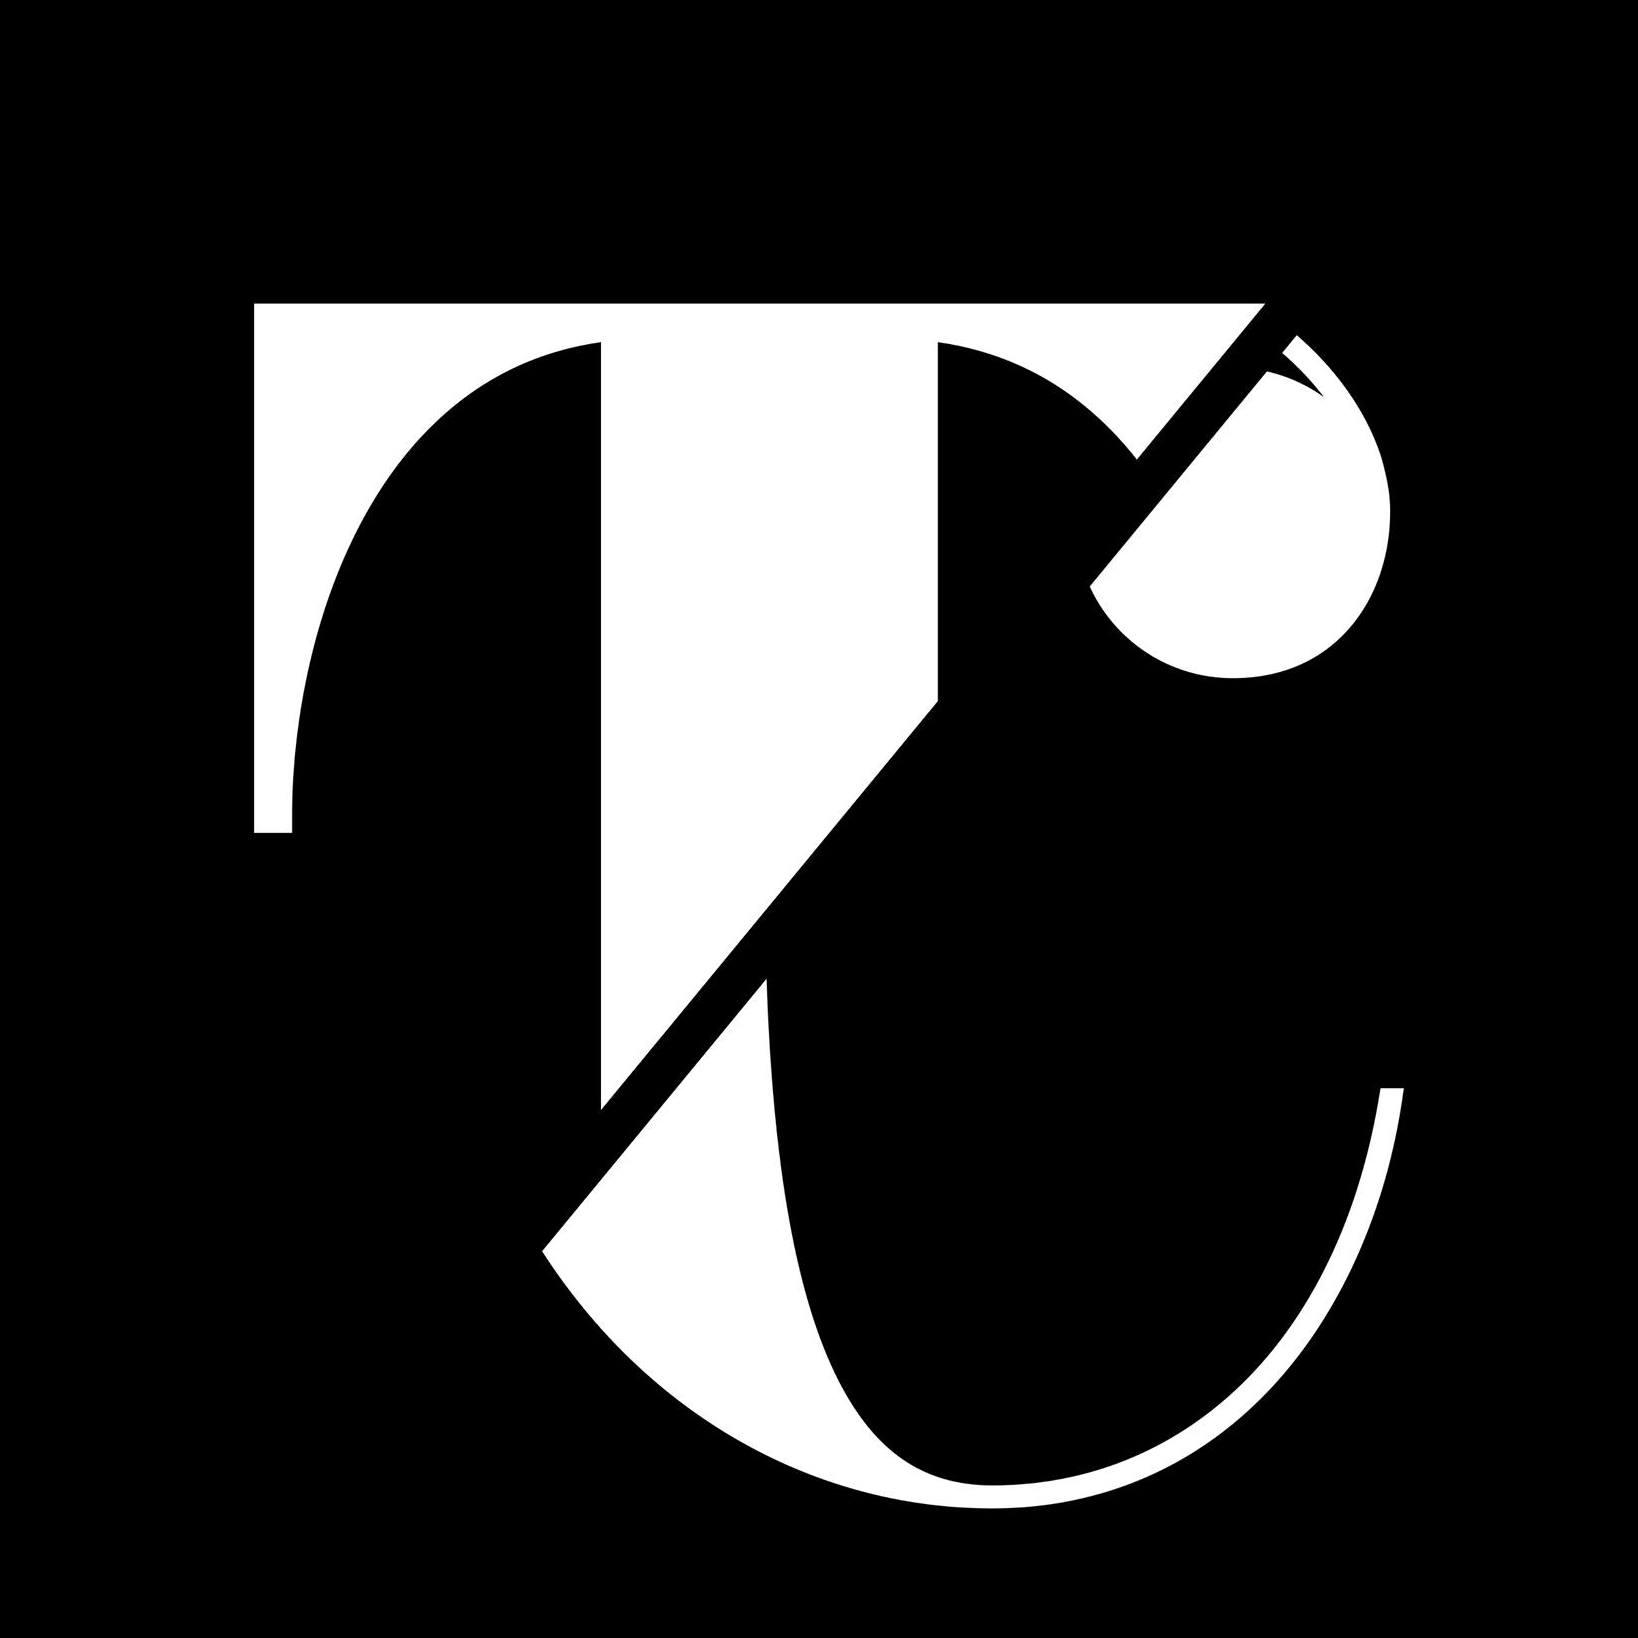 The Treat Company